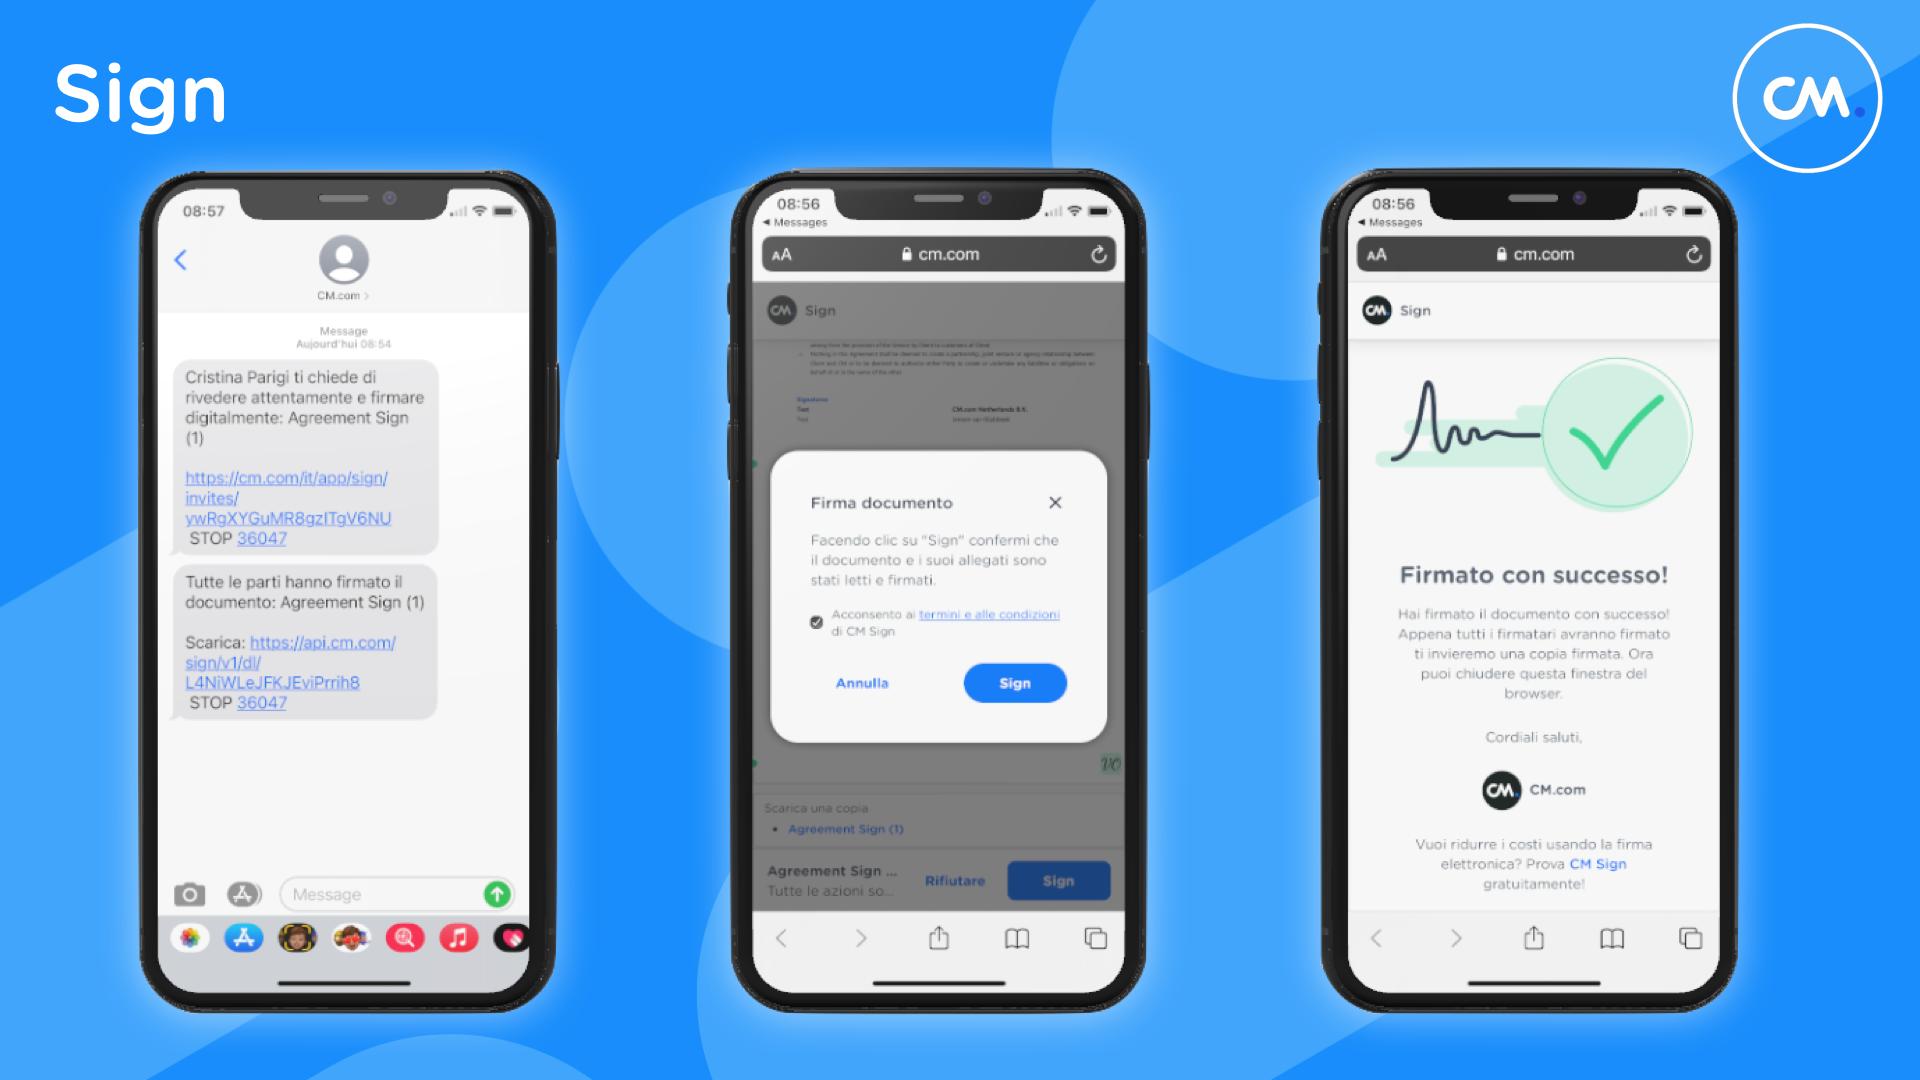 CM.com rende disponibile la firma elettronicaanche tramite SMS